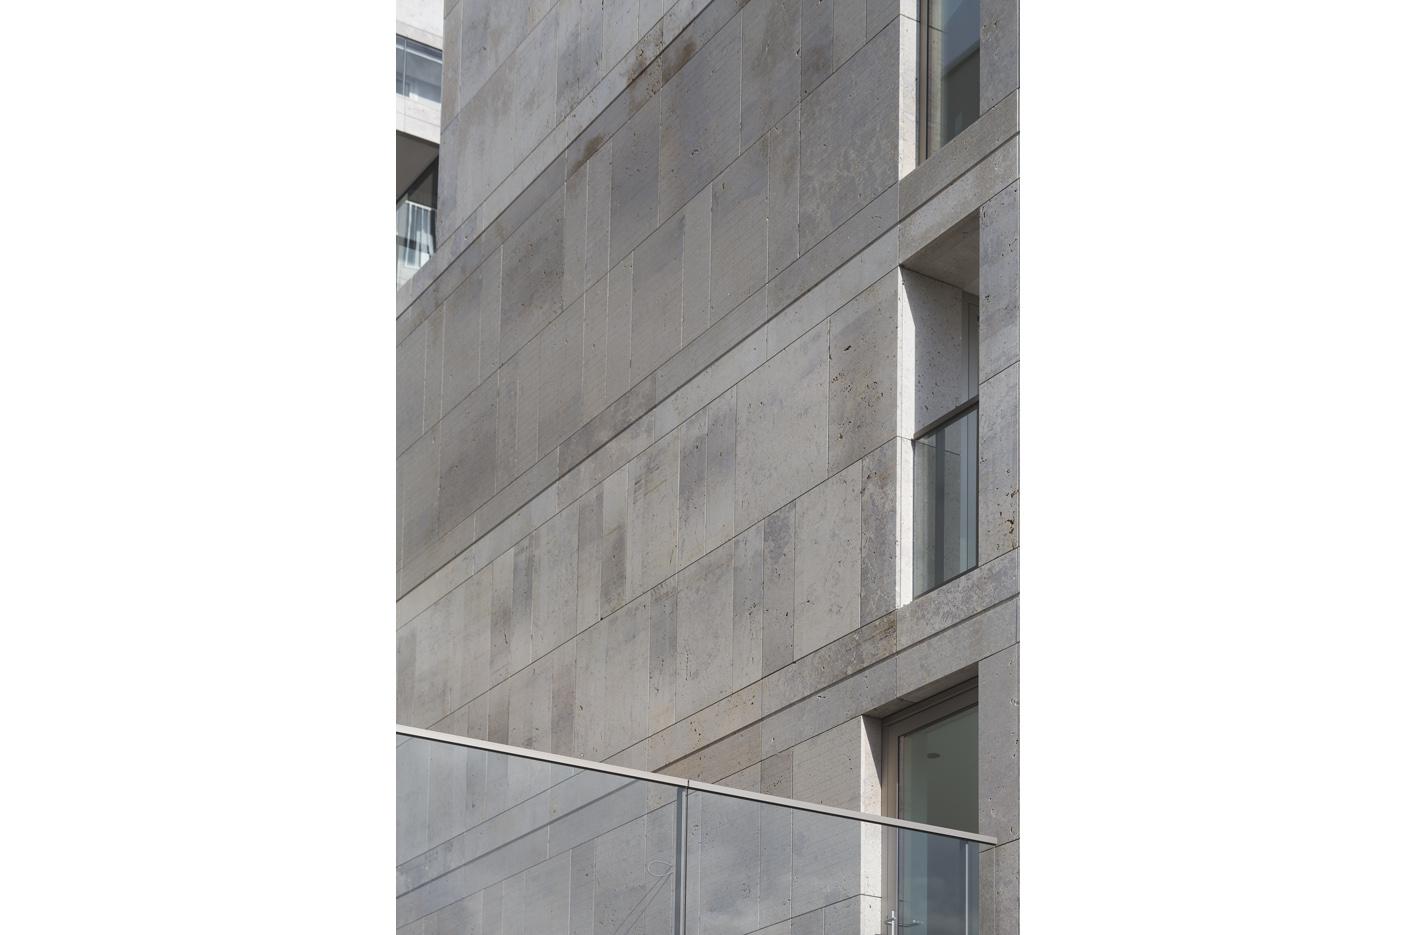 Atelier PUUUR BLOK straatbeeld zijgeveldetail kadewoningen Houthaven Amsterdam CO zelfbouw